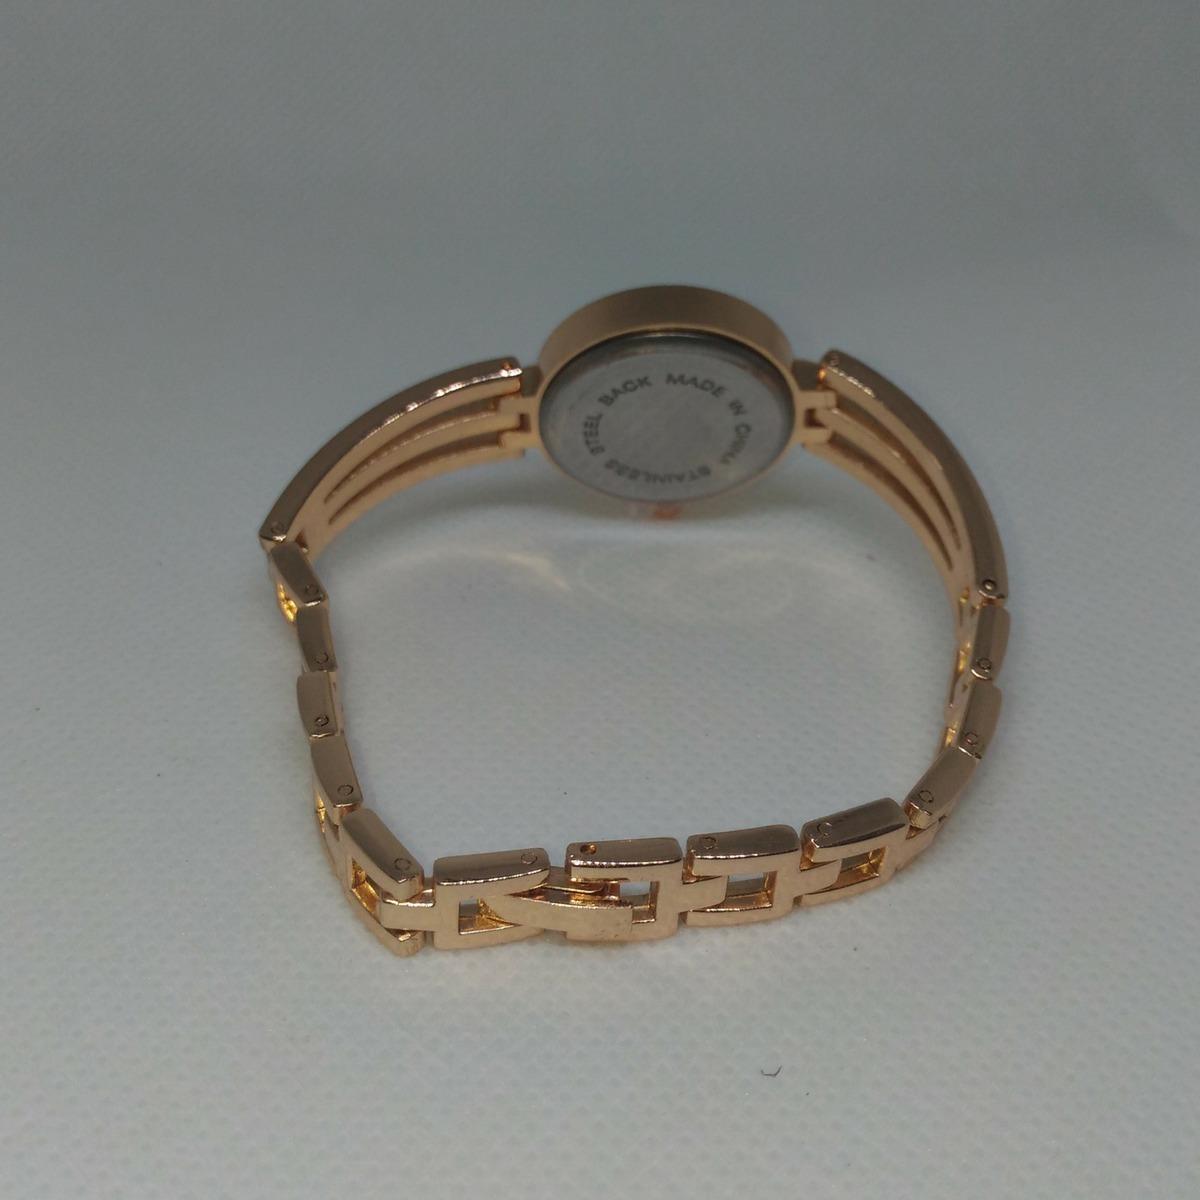 f3793557dd2 Relogio Feminino De Pulso Pequeno Barato Dourado Luxo - R  37